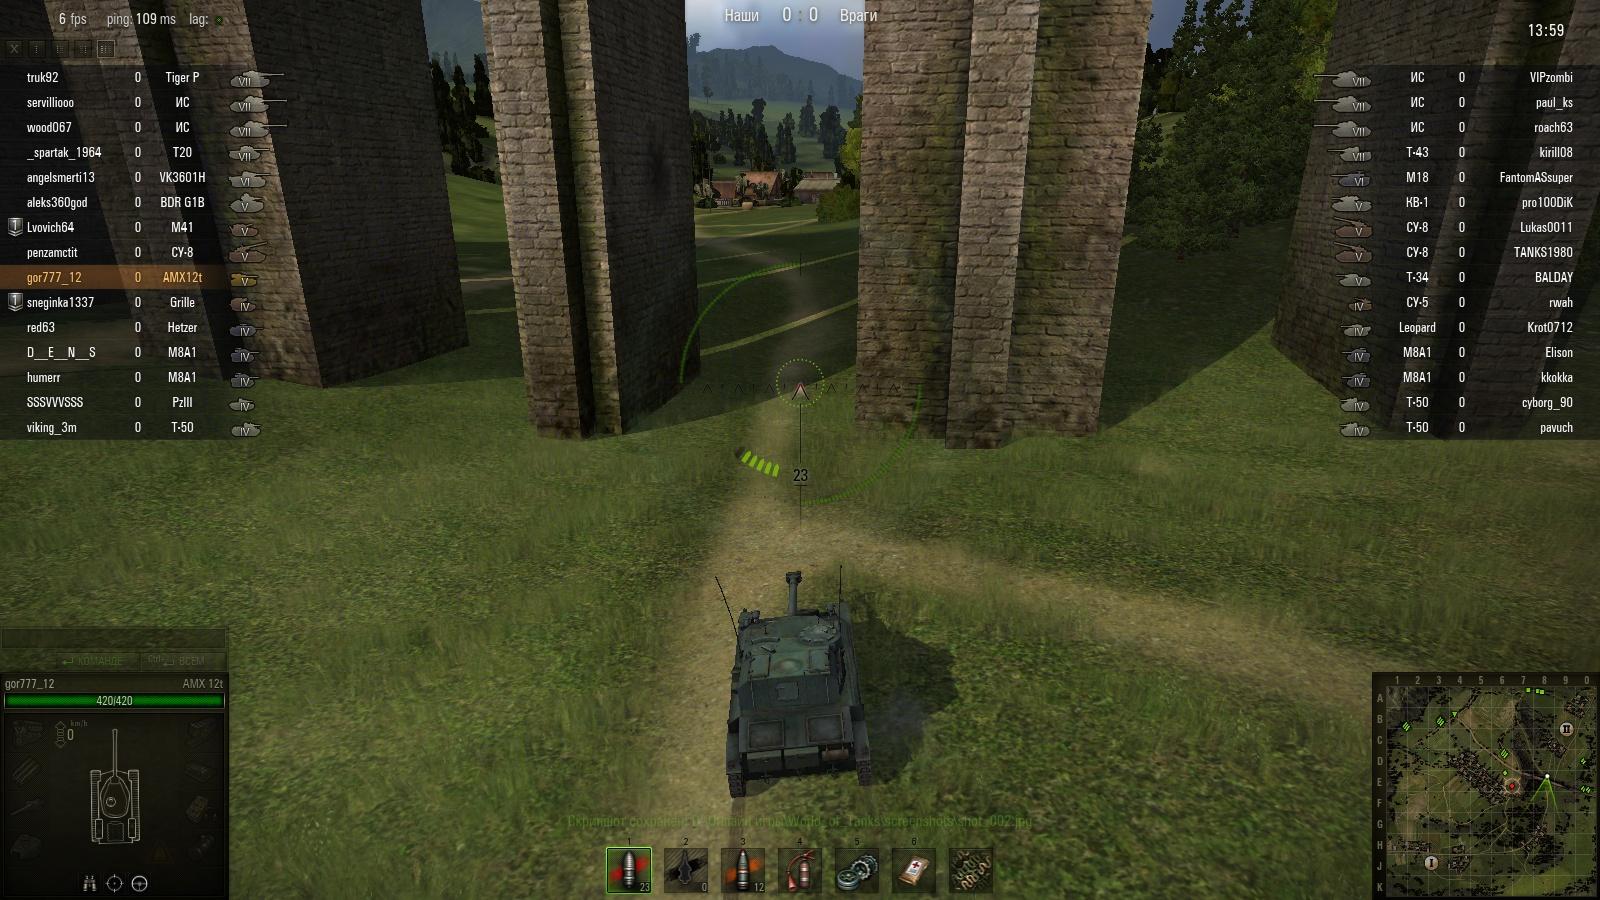 Как сделать так чтоб танки не лагали